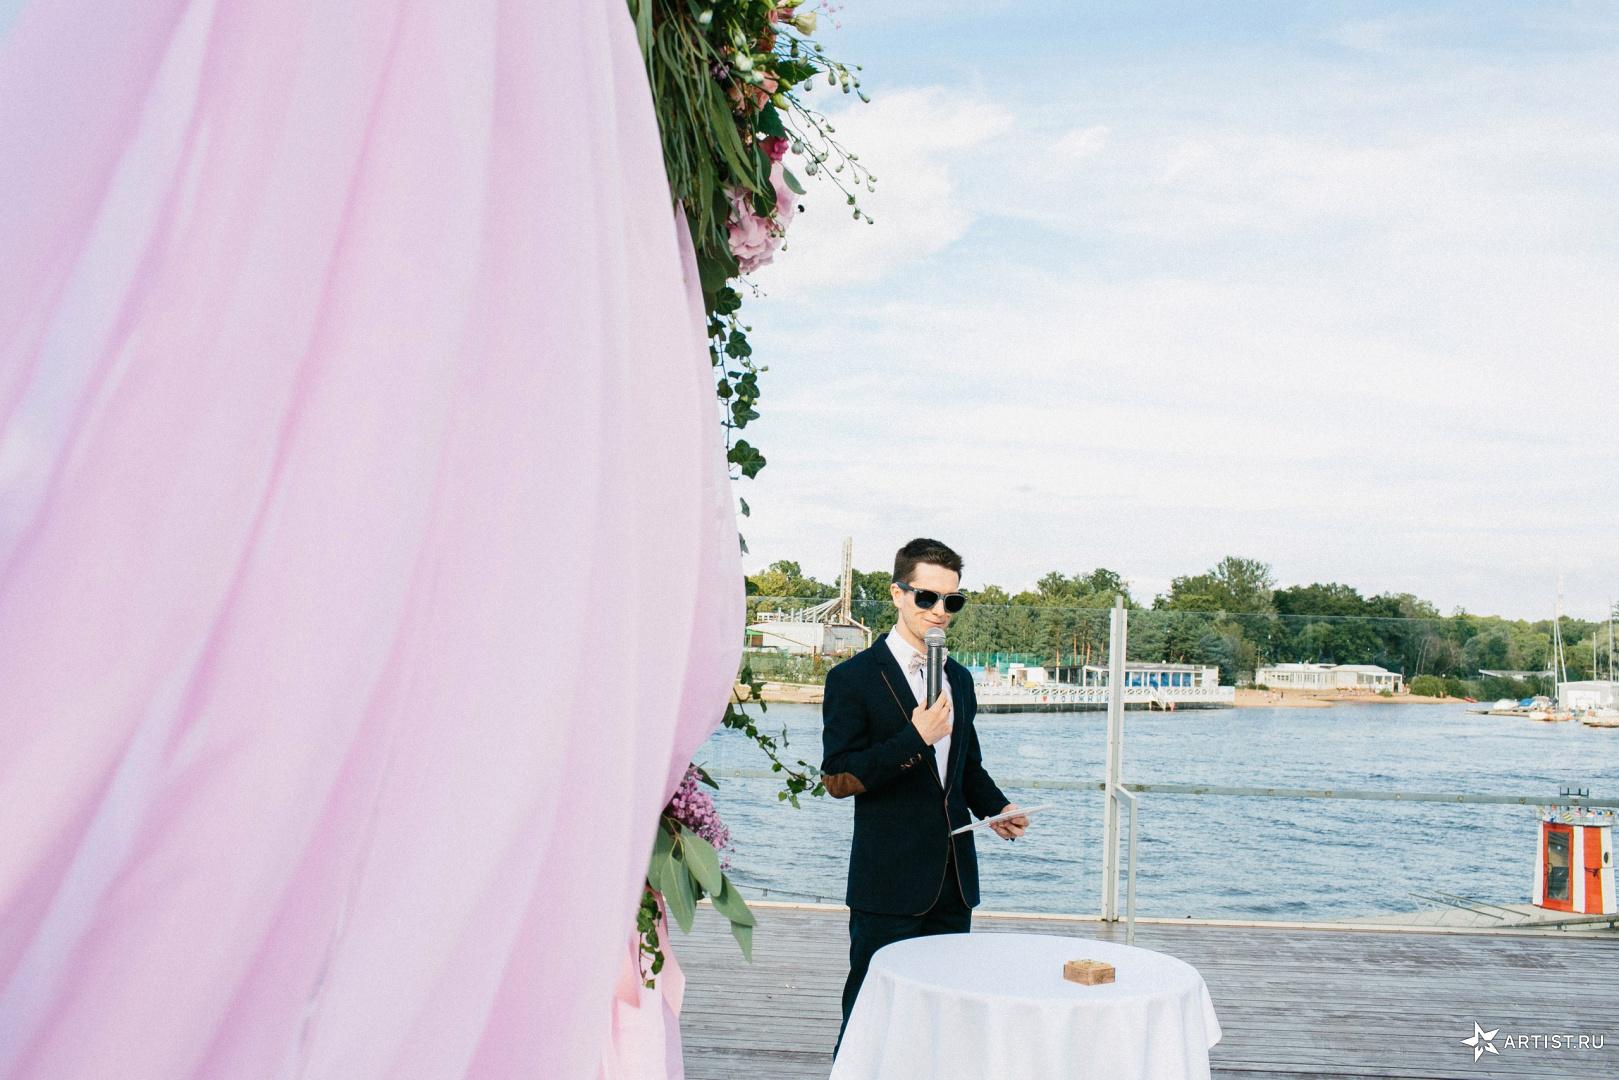 Фото 1 из 11 из альбома Свадьба Елизаветы и Андрея Андрея Кислого